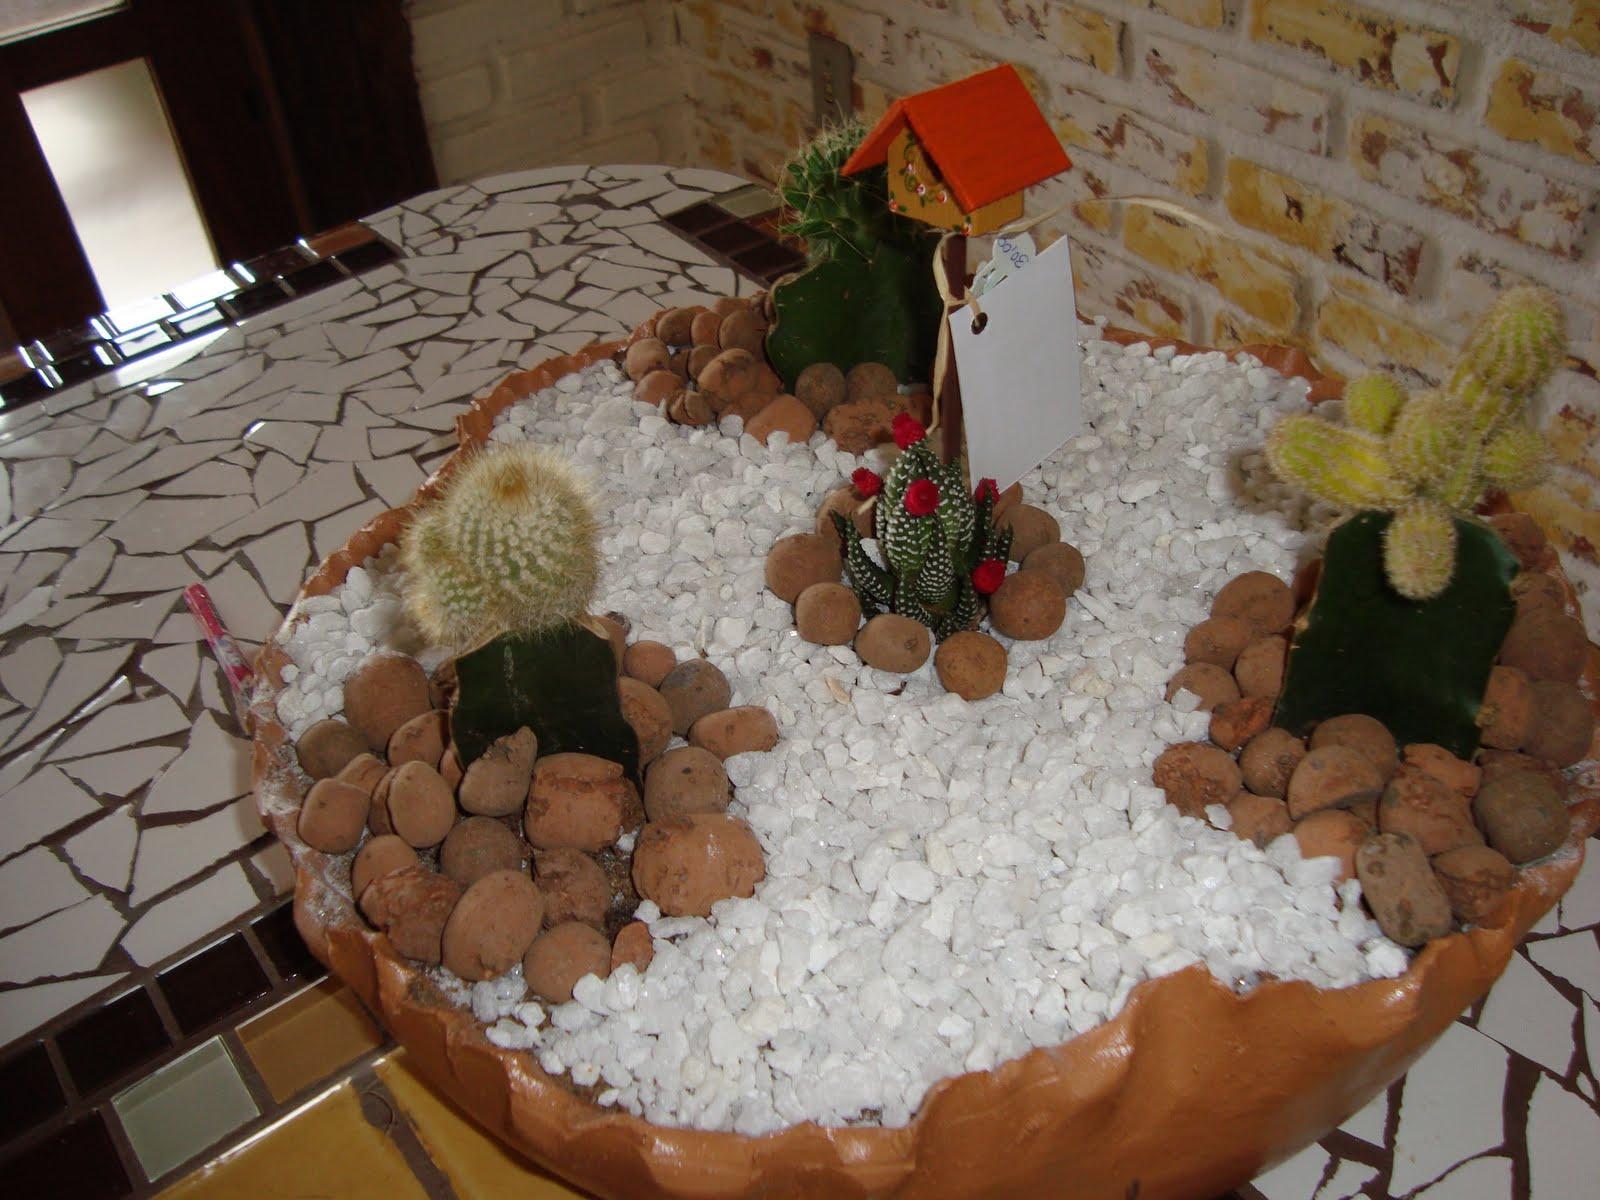 mini jardim de cactus:12 modelos de mini jardins, veja como eles são feitos e não deixe de